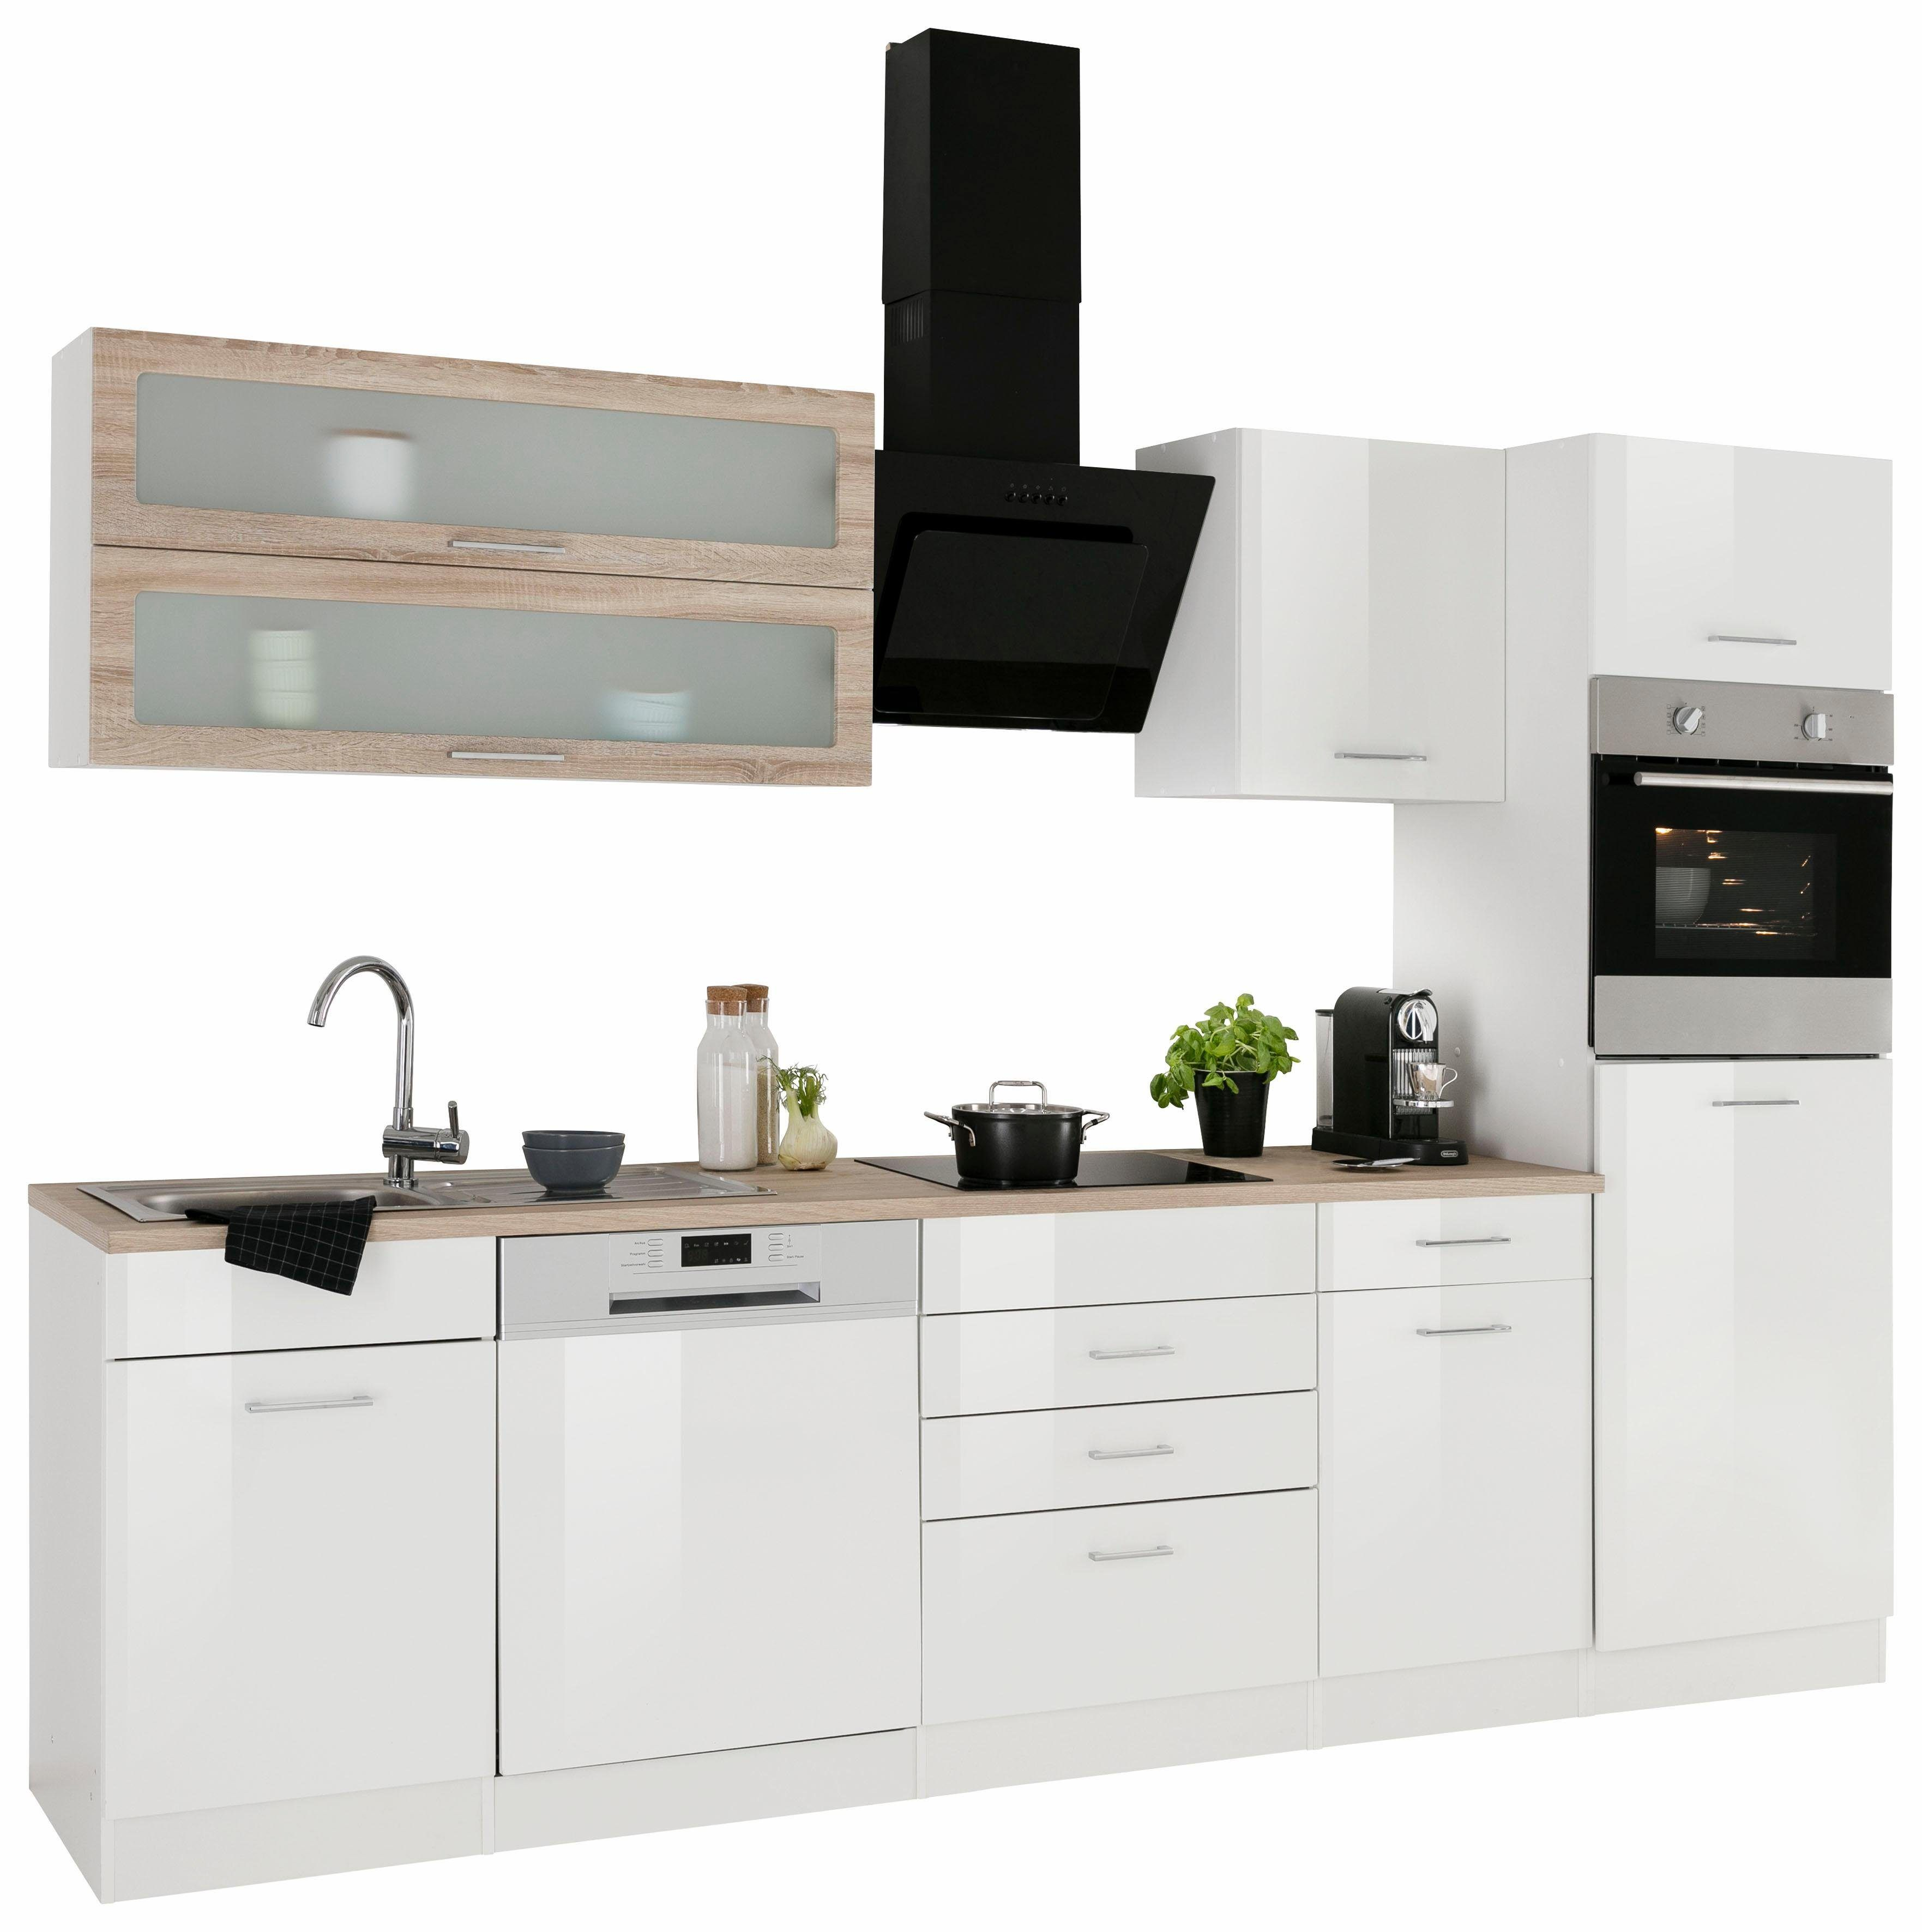 Küchenzeile mit E-Geräten weiß, mit Aufbauservice, »Utah«, Held ...